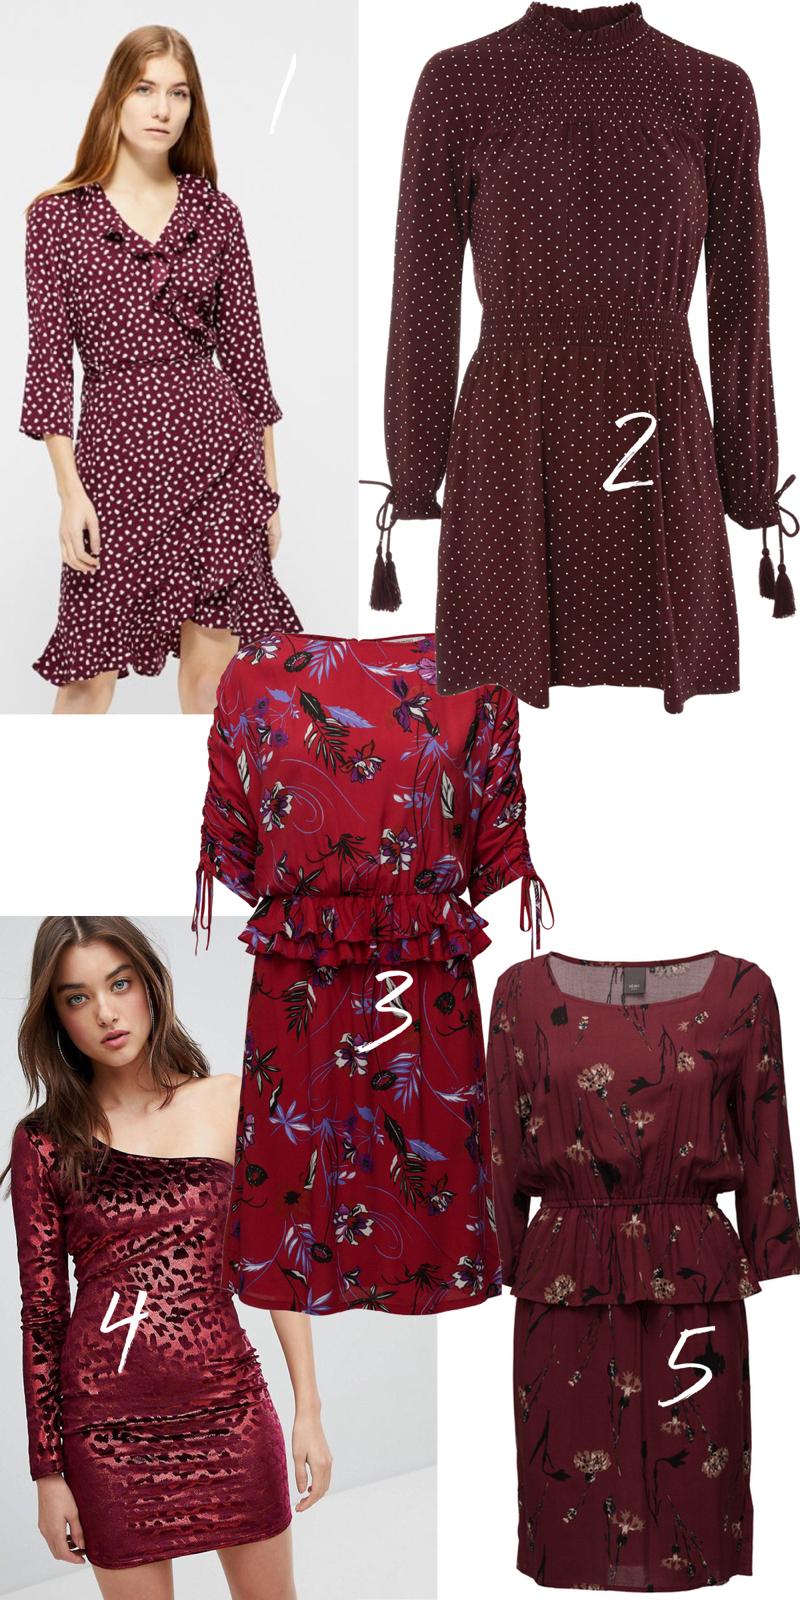 rød kjole, røde kjoler